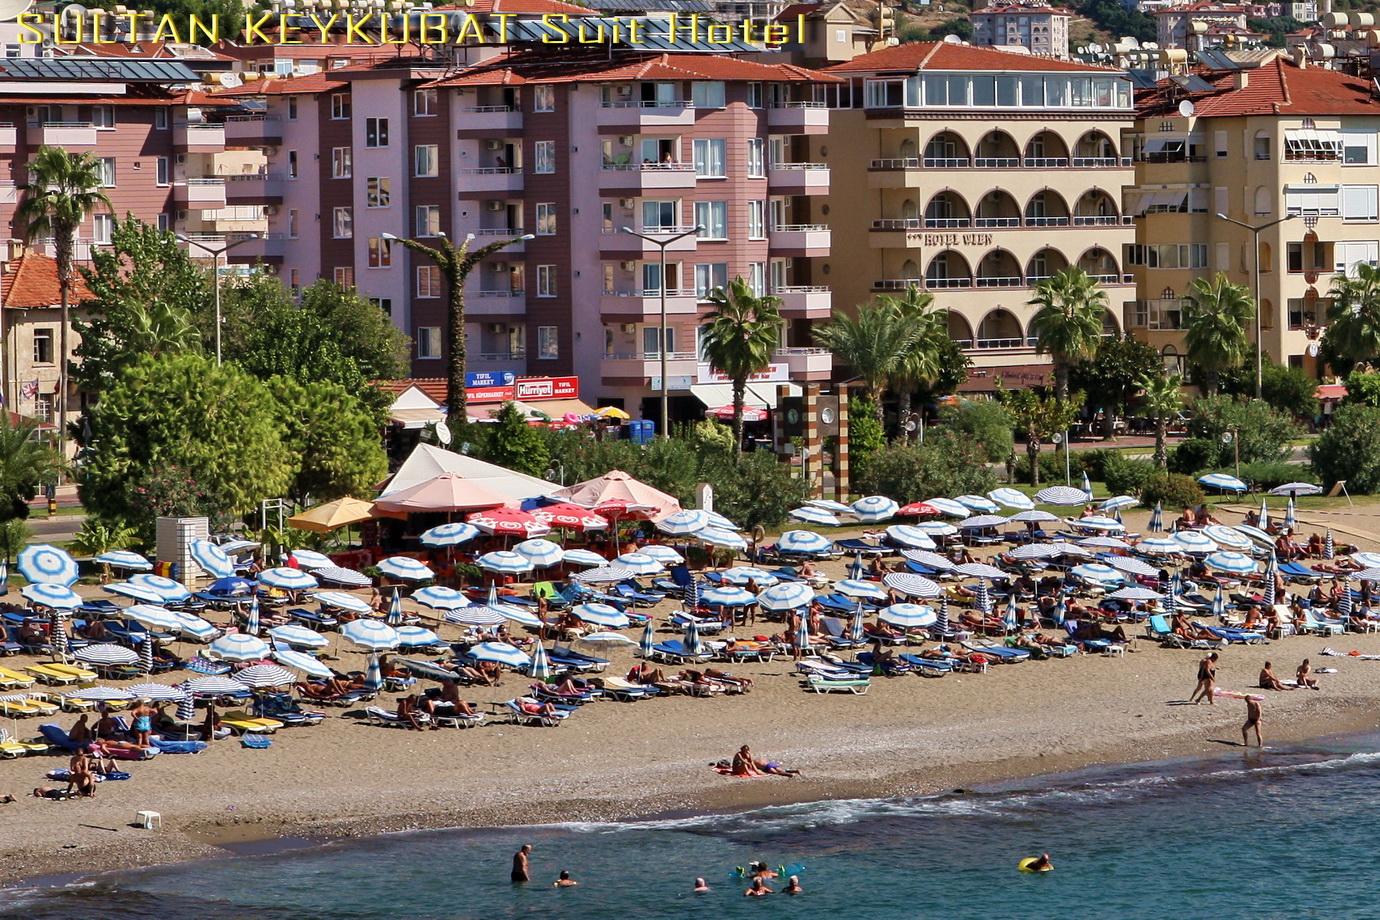 Турция, Алания отель Sultan Keykubat Suit 3*